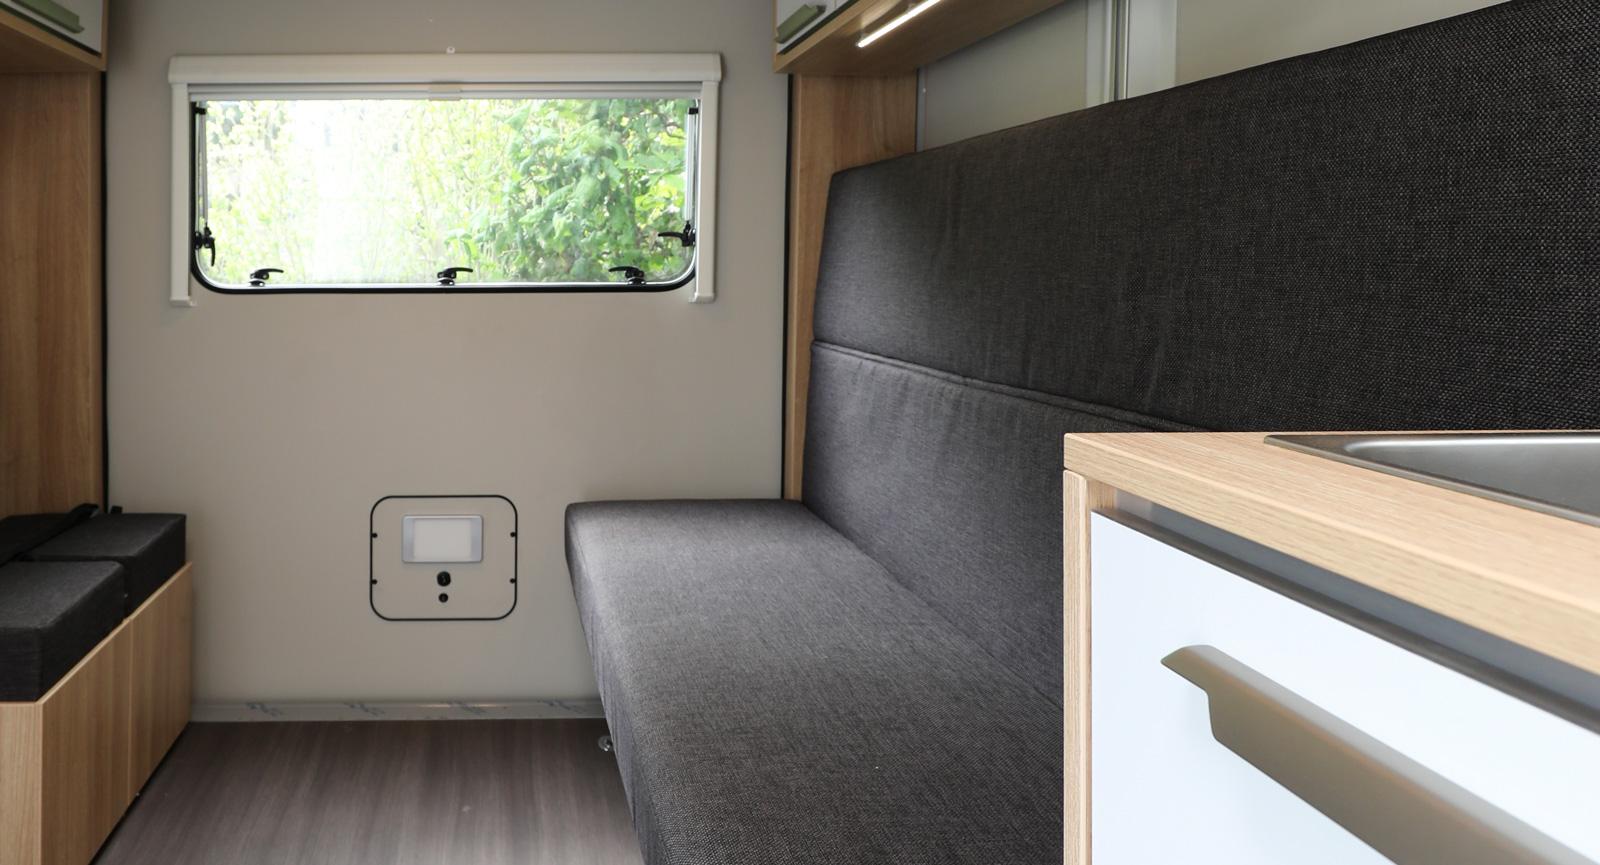 Raka linjer med mycket öppna ytor i mitten. Perfekt för att kunna lasta in stora saker eller för att använda vagnen som släp när man handlar på Ikea.